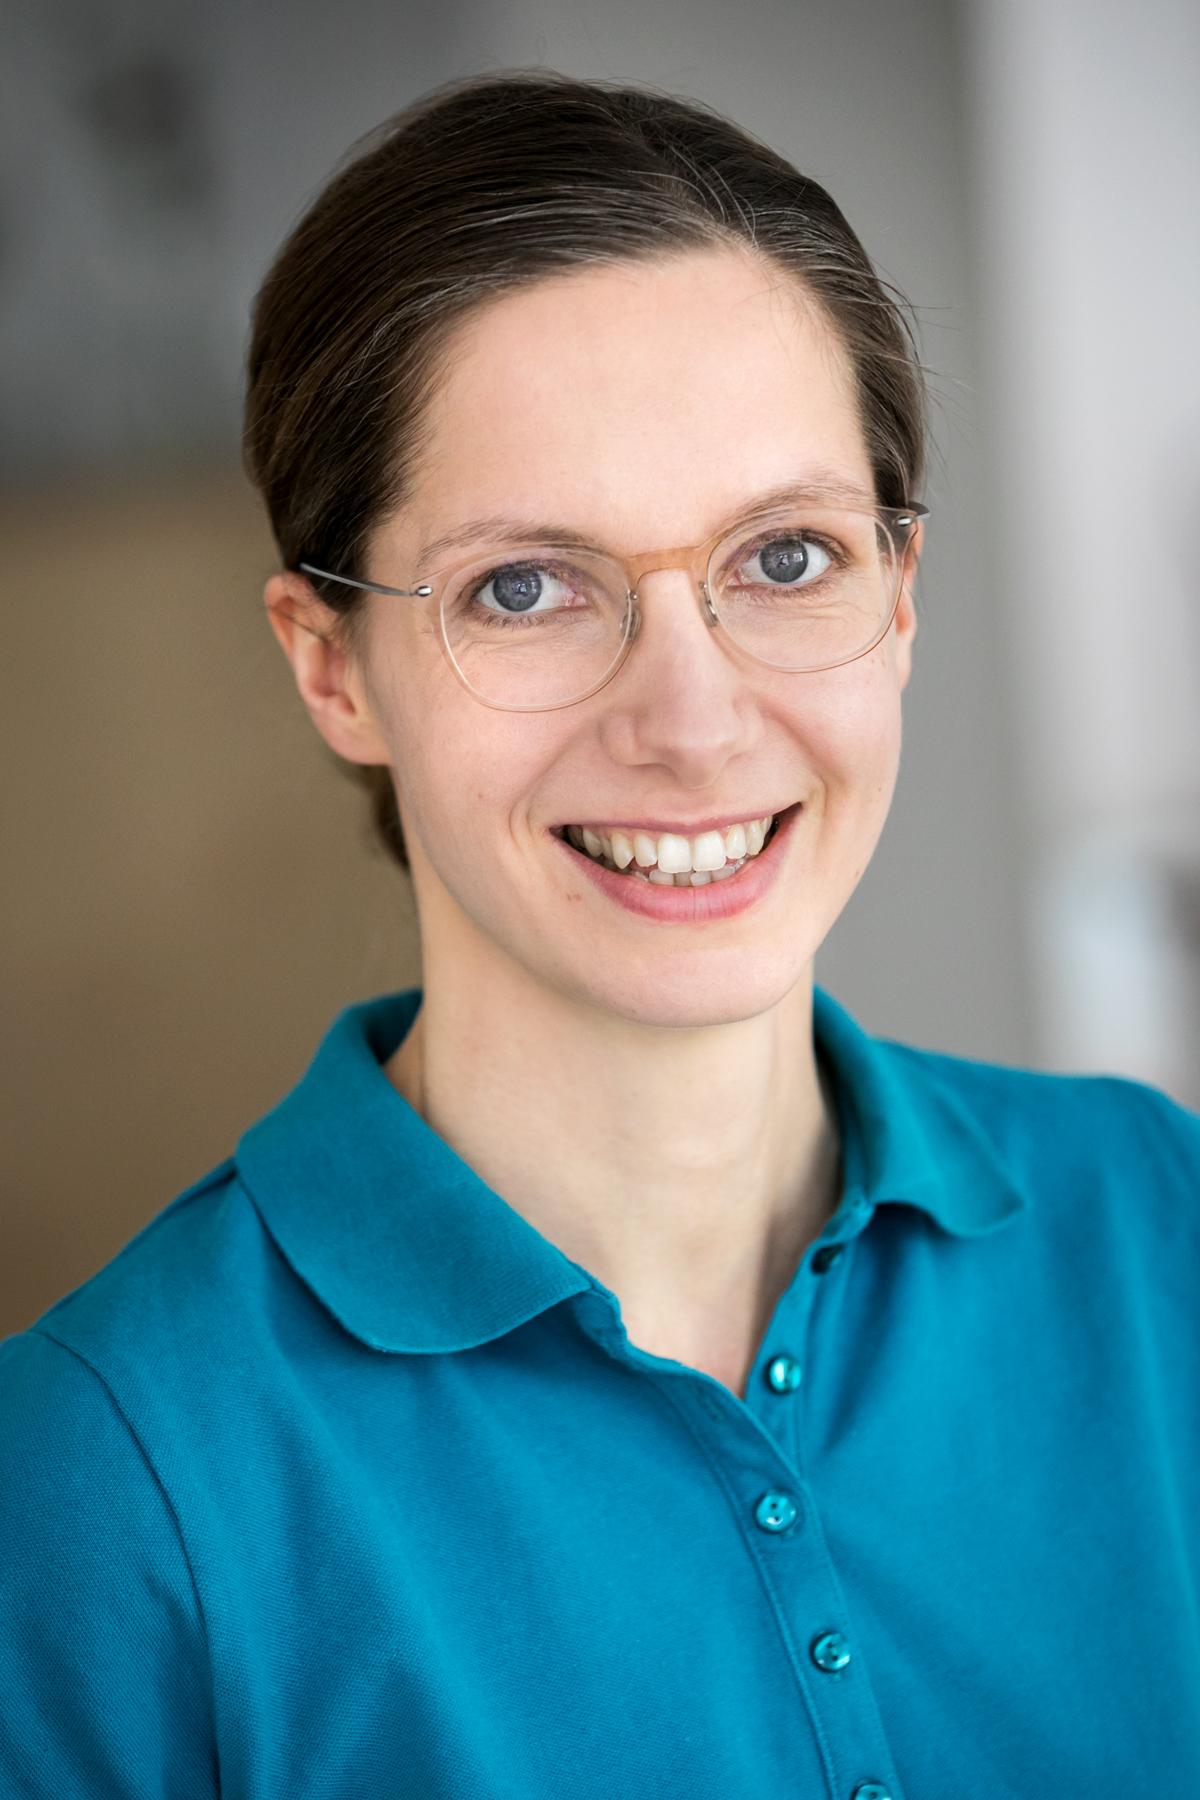 Dorothee Riedlinger